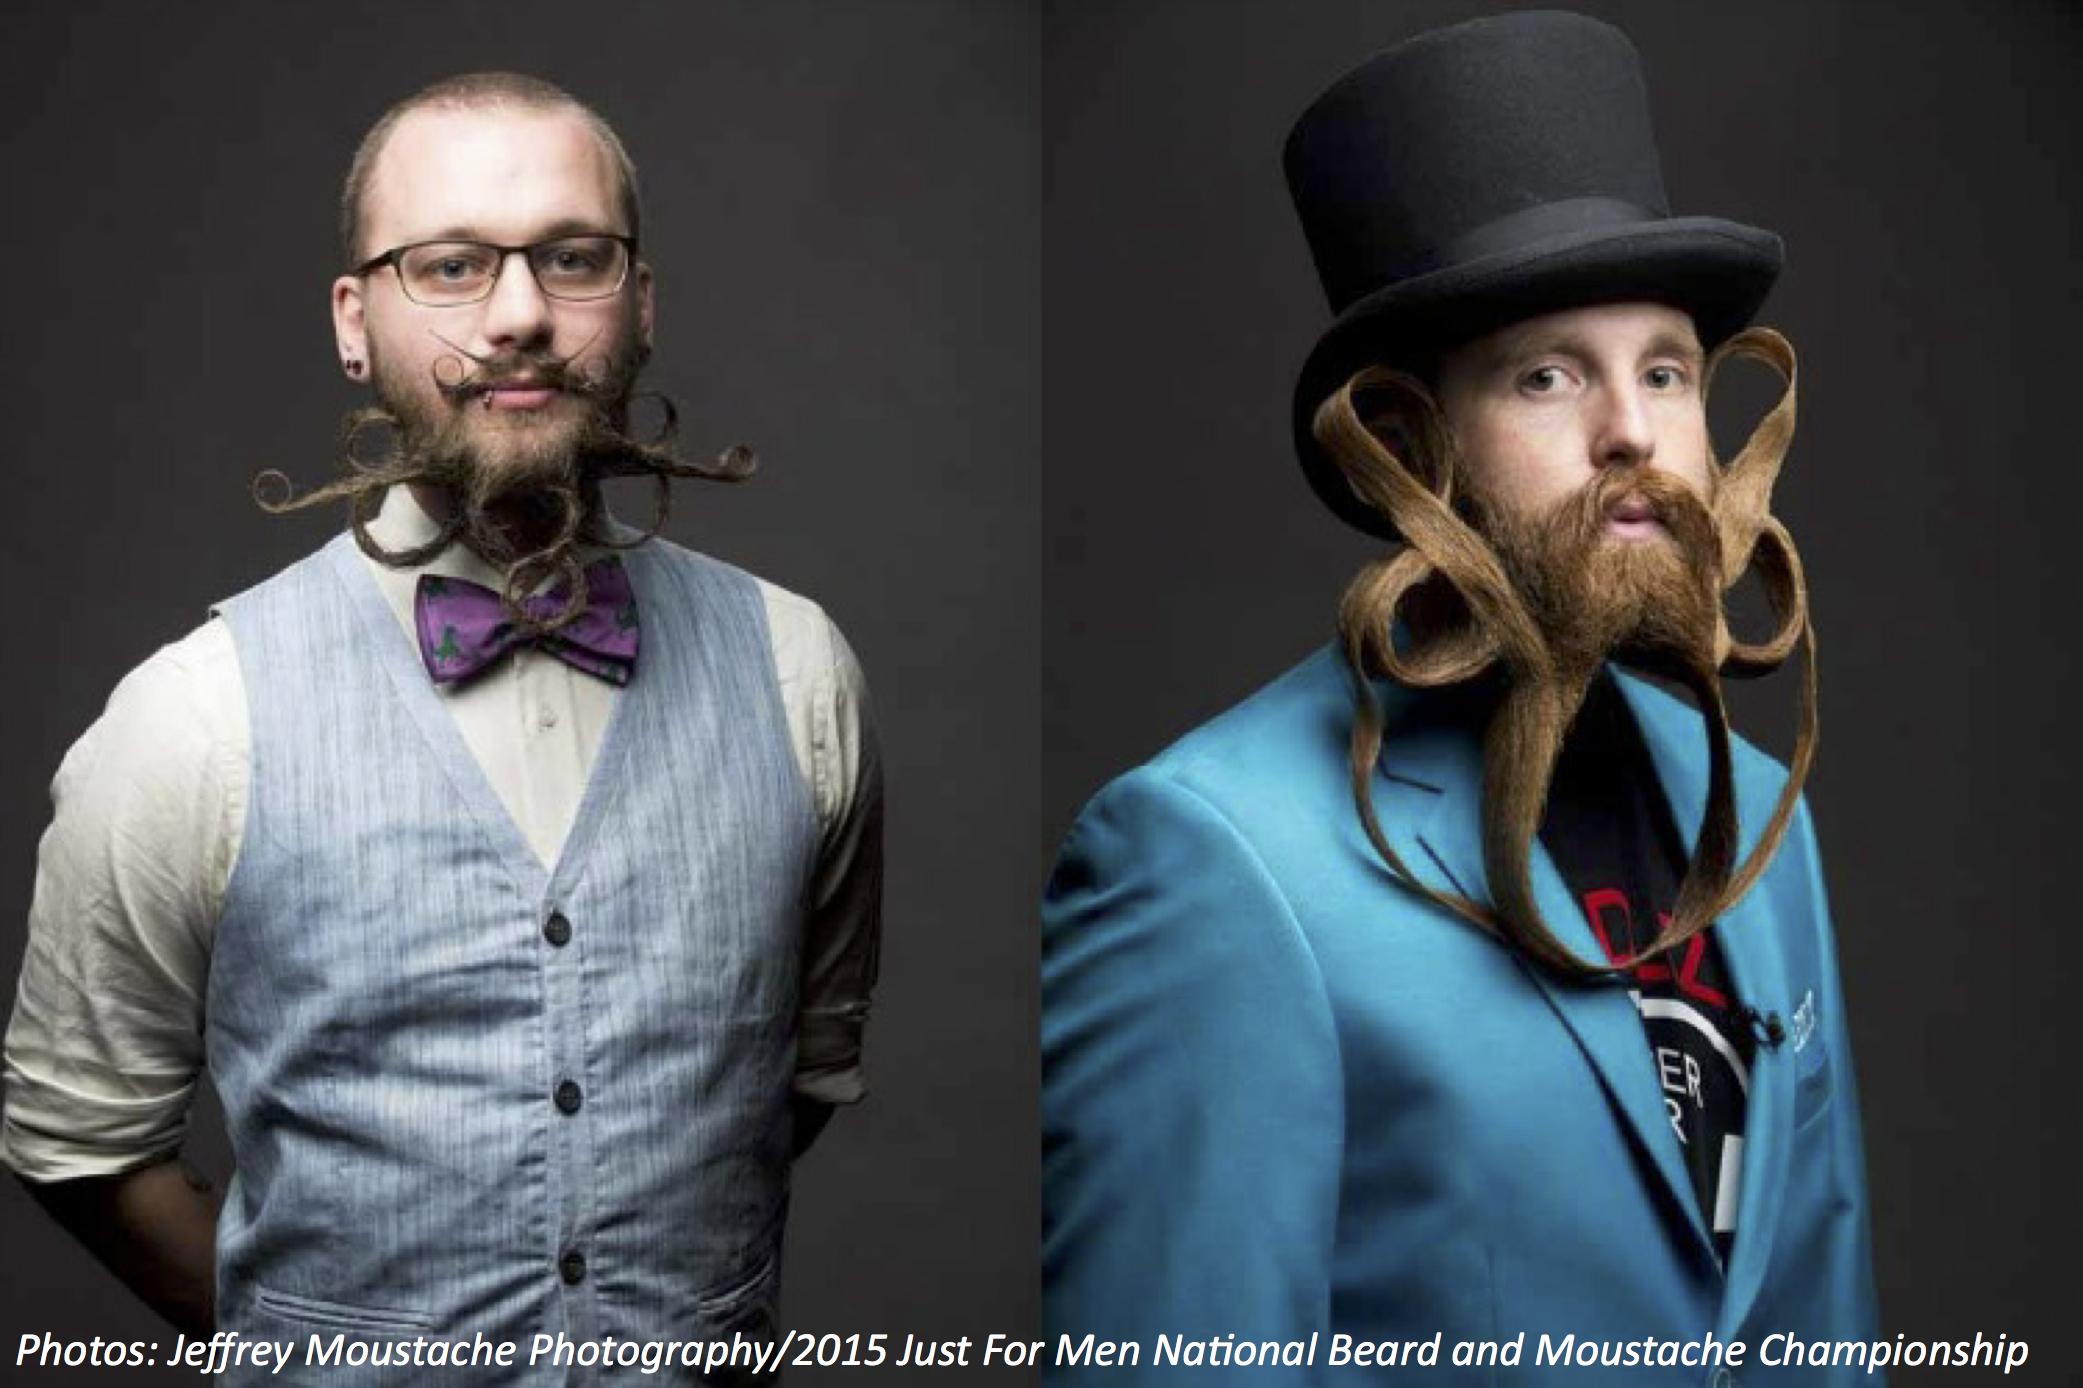 Math-y Moustaches